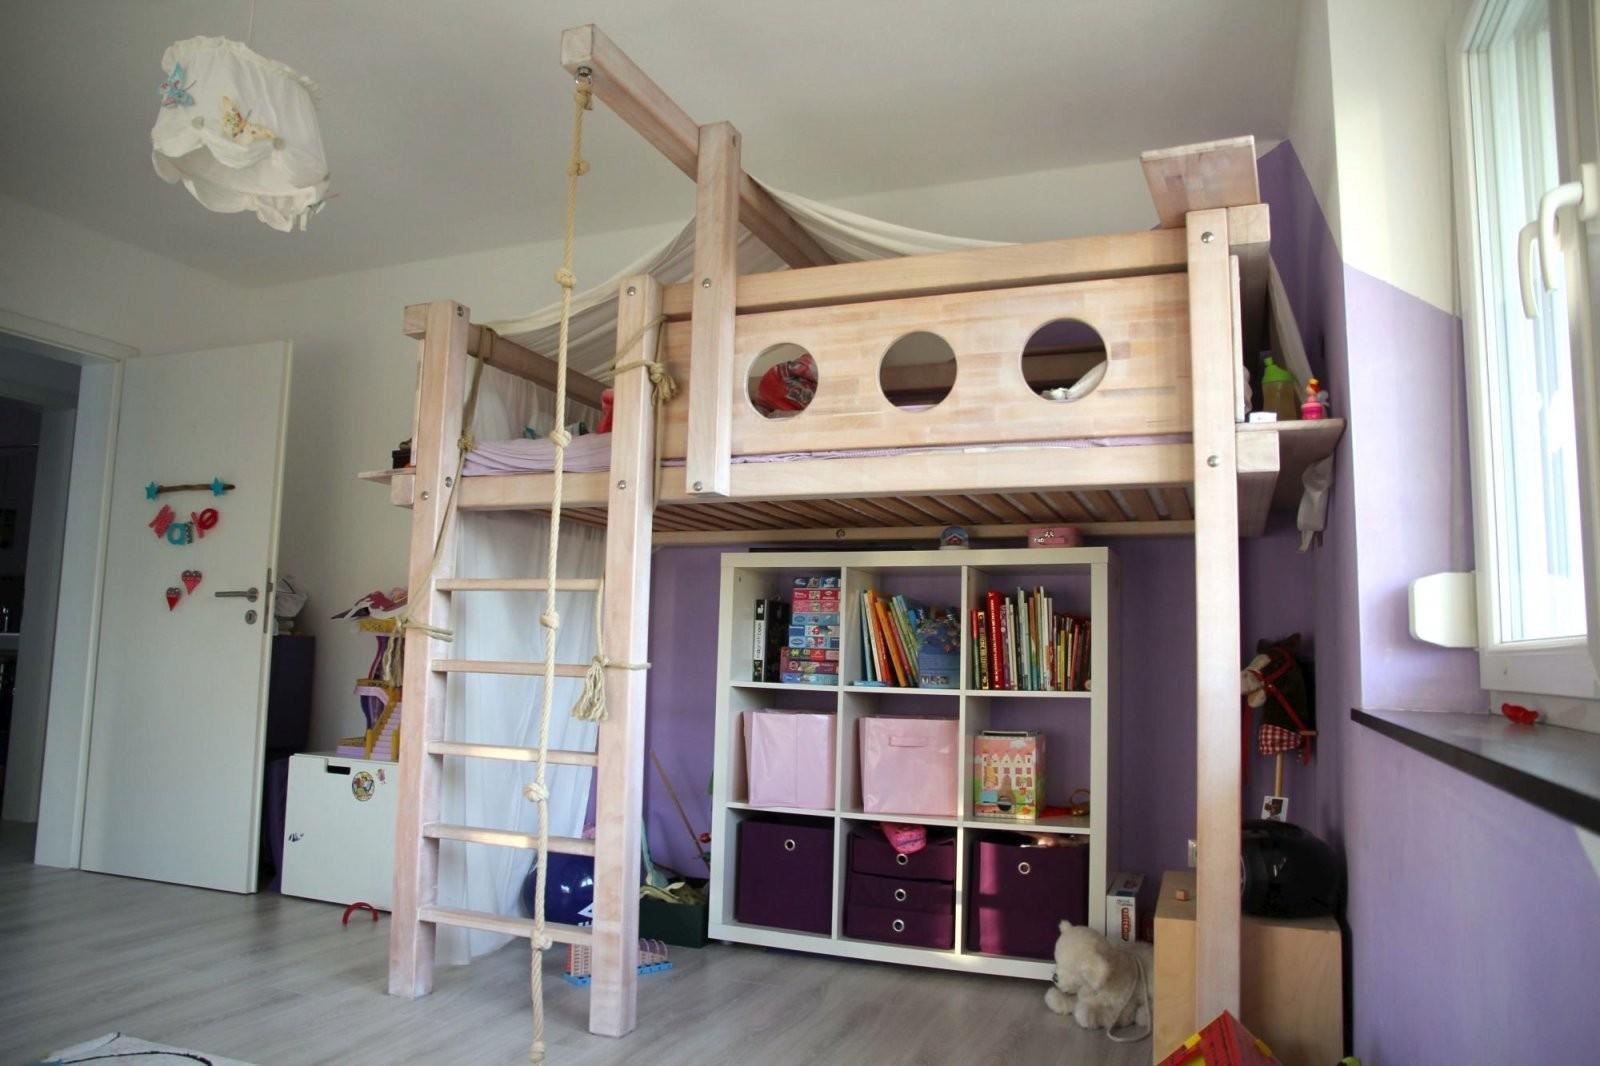 Hochbett Selbst Gebaut  Bauanleitung Für Ein Massives Hochbett von Bett Rutsche Selber Bauen Bild